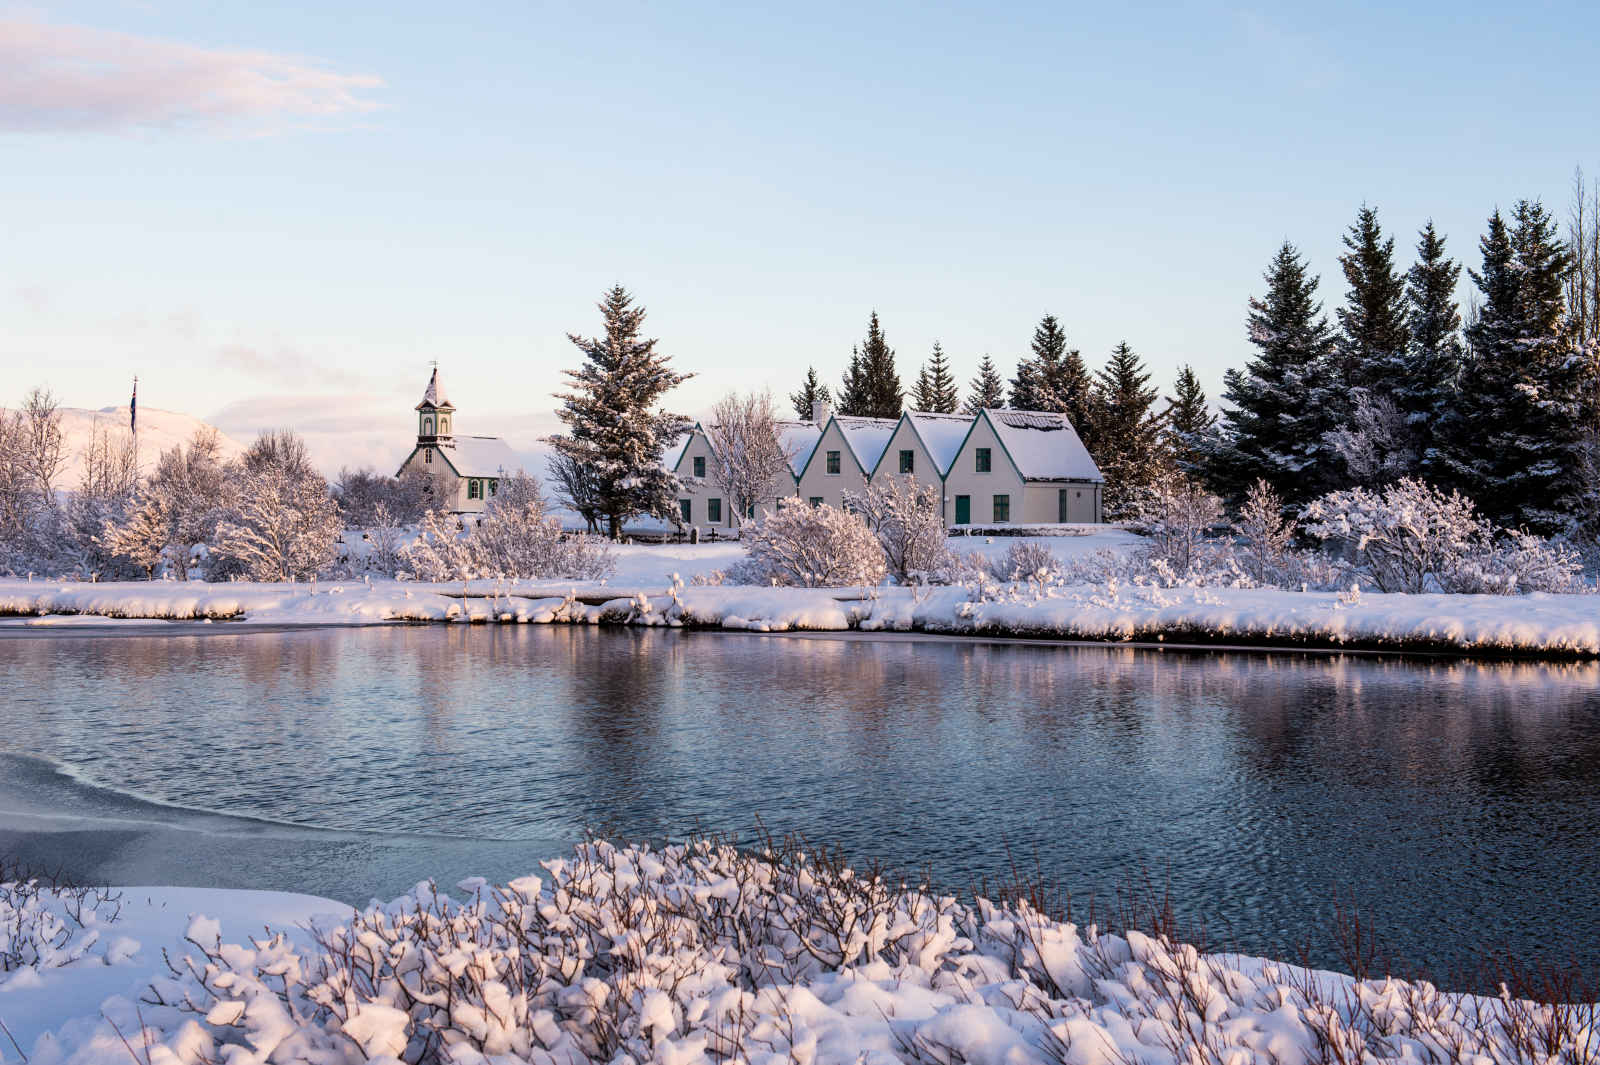 Photo n° 2 Merveilles de l'Ouest islandais